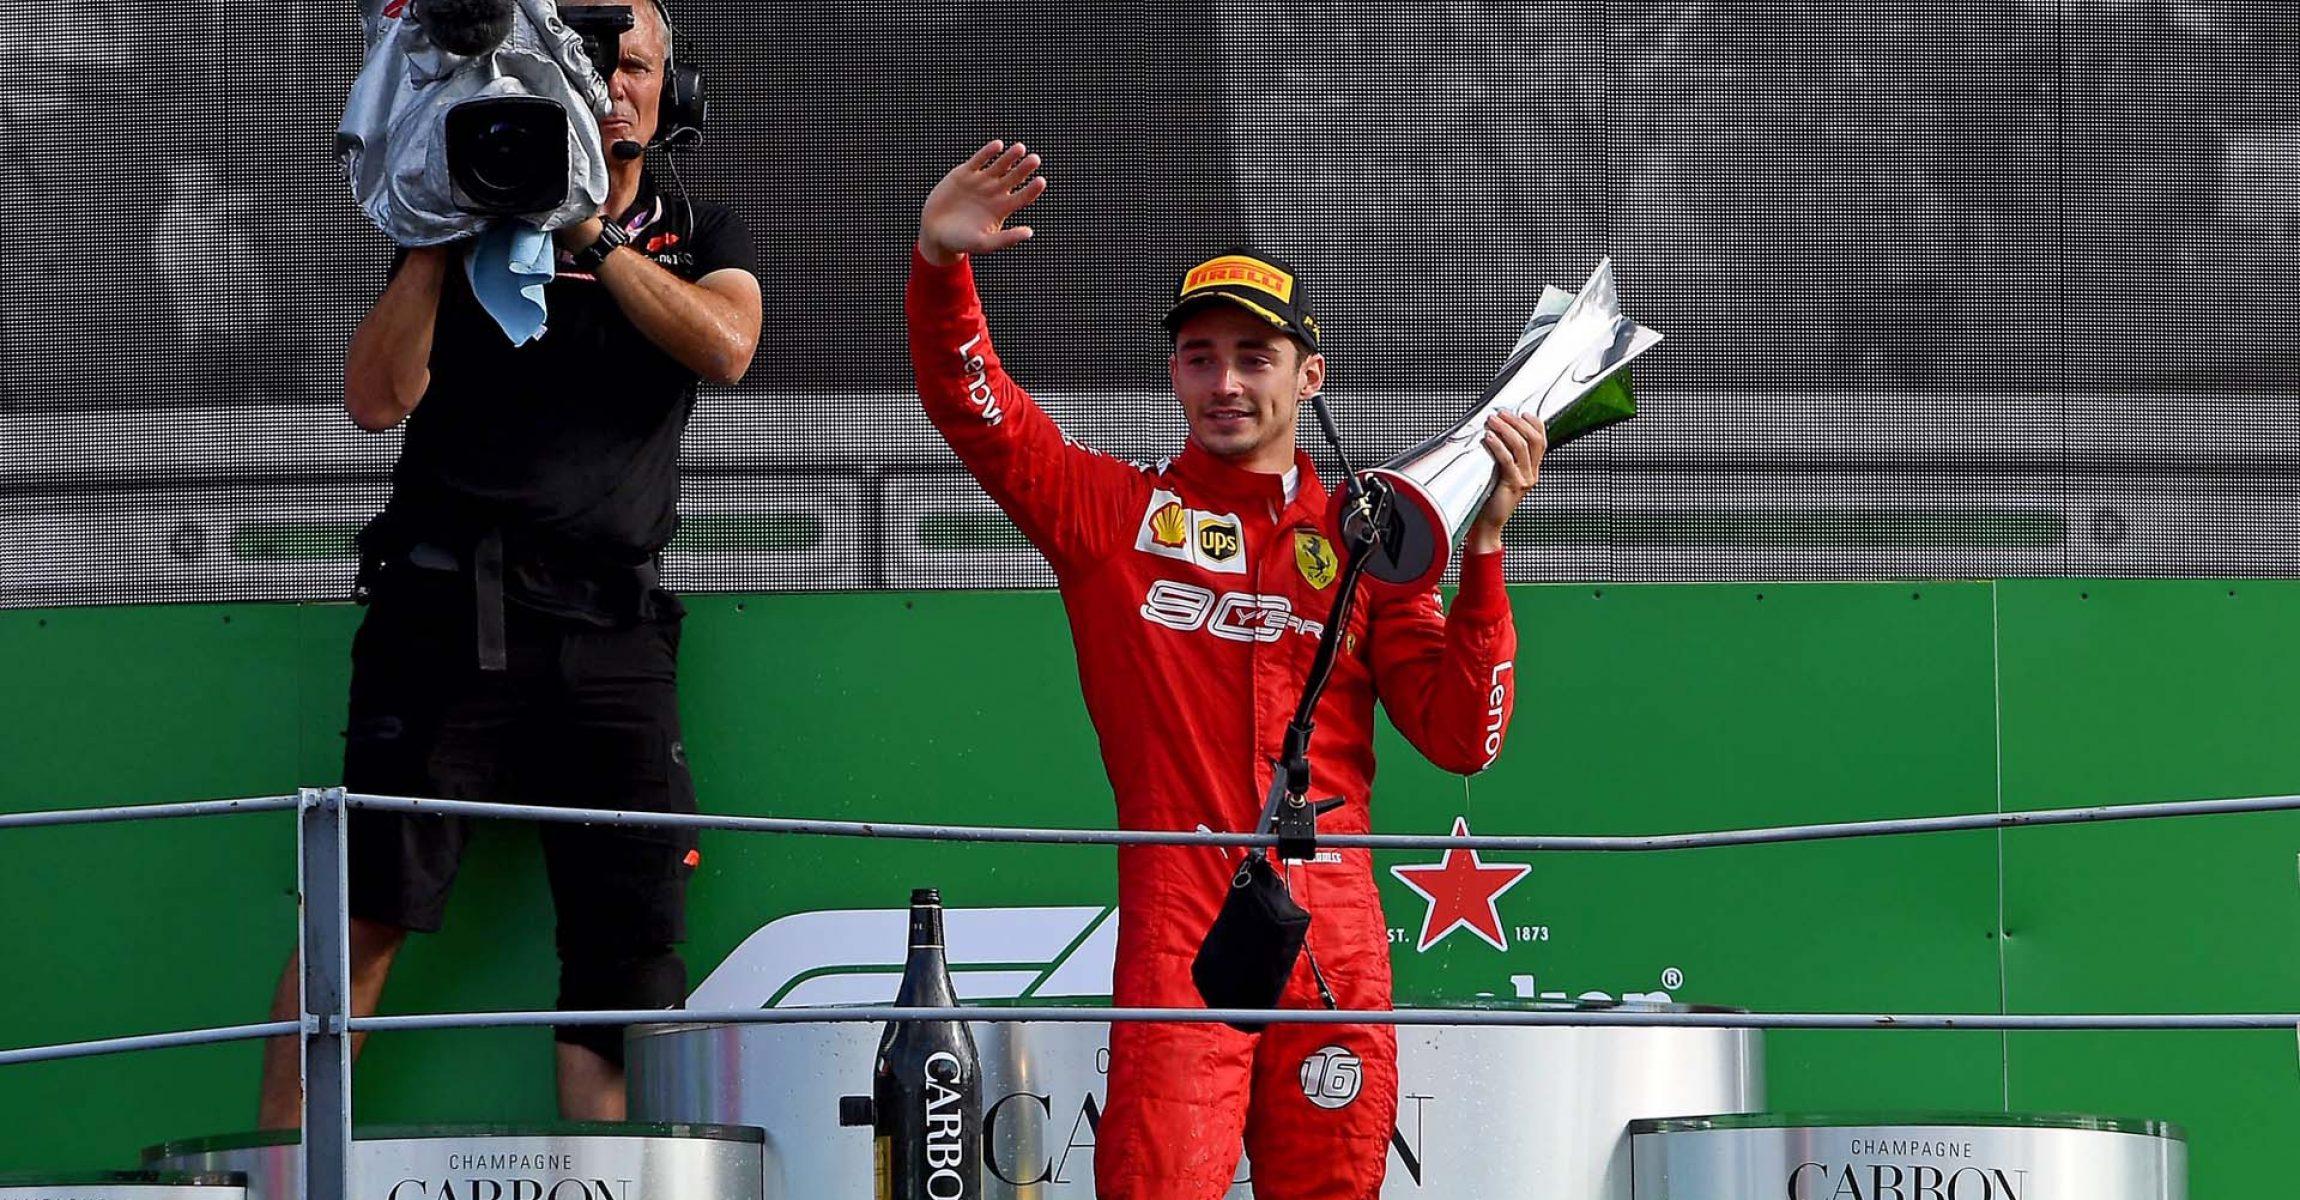 GP ITALIA F1/2019 - DOMENICA 08/09/2019 credit: @Scuderia Ferrari Press Office Ferrari, Sebastian Vettel